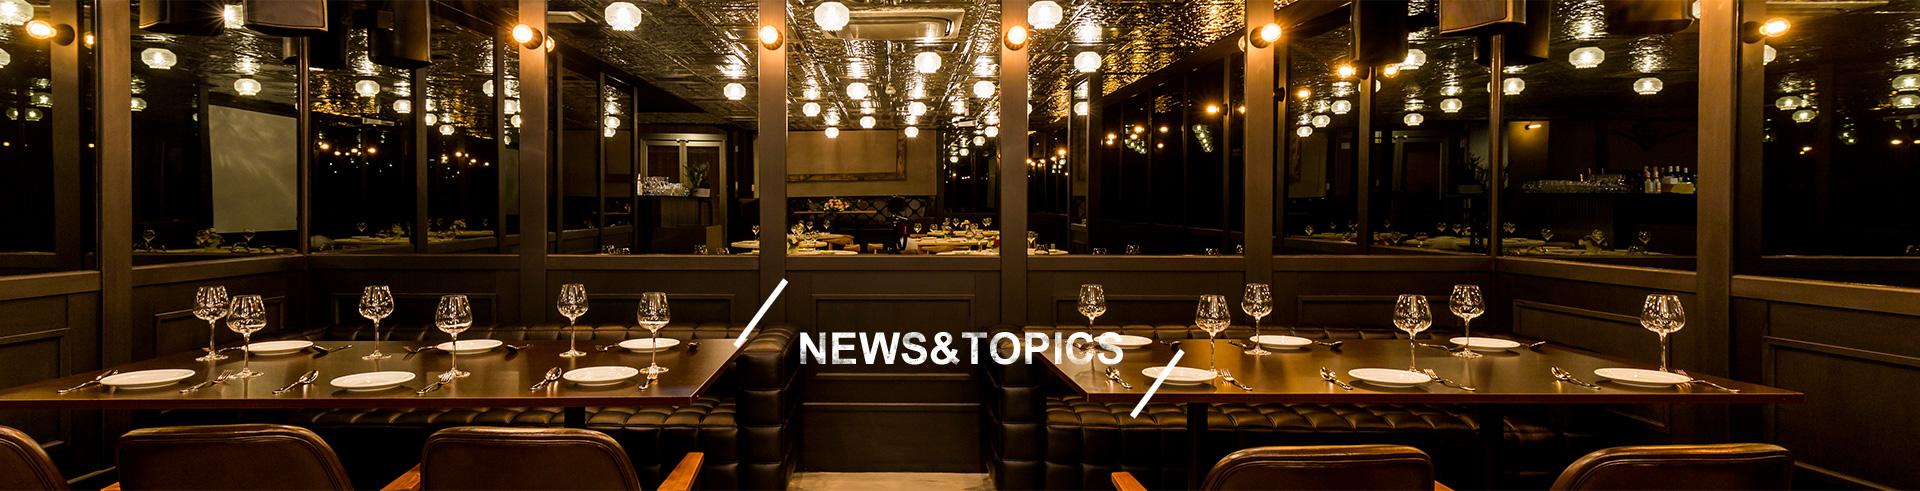 NEWS & TOPICE